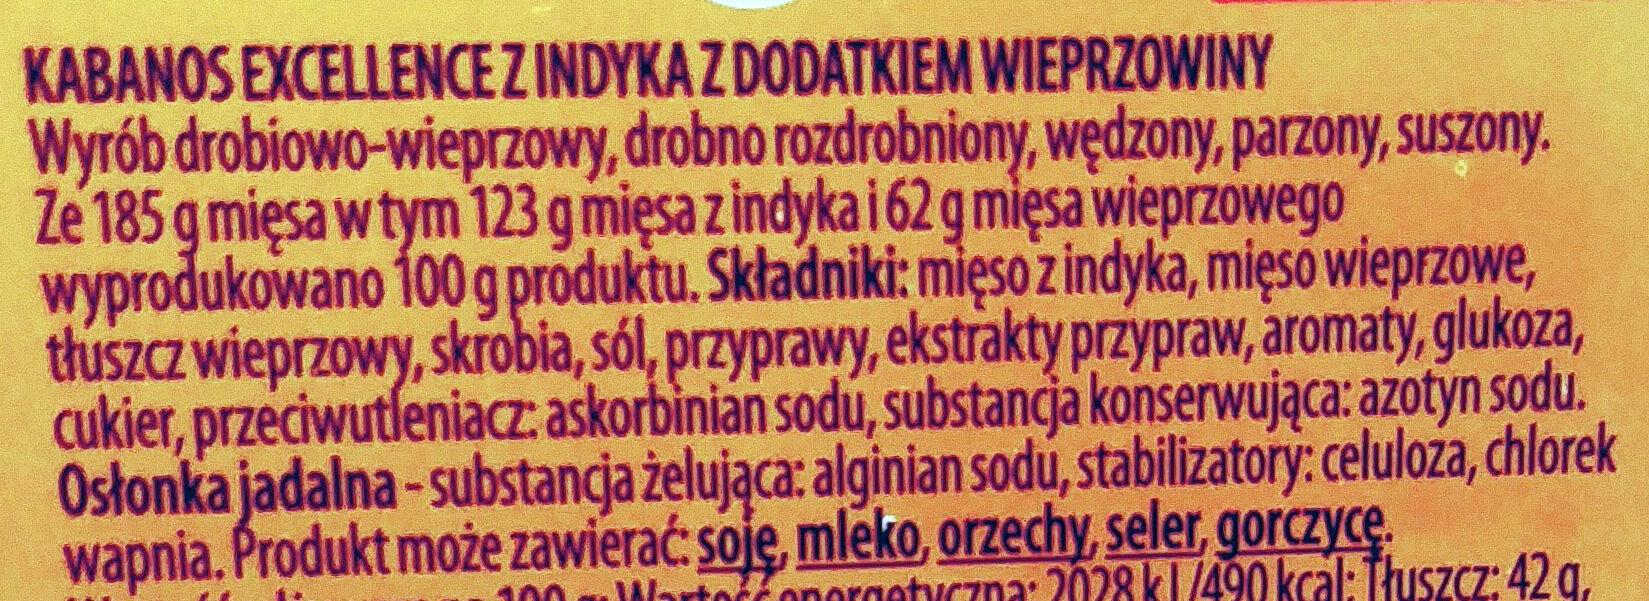 Kabanos excellence z indyka z dodatkiem wieprzowiny - Ingredients - pl